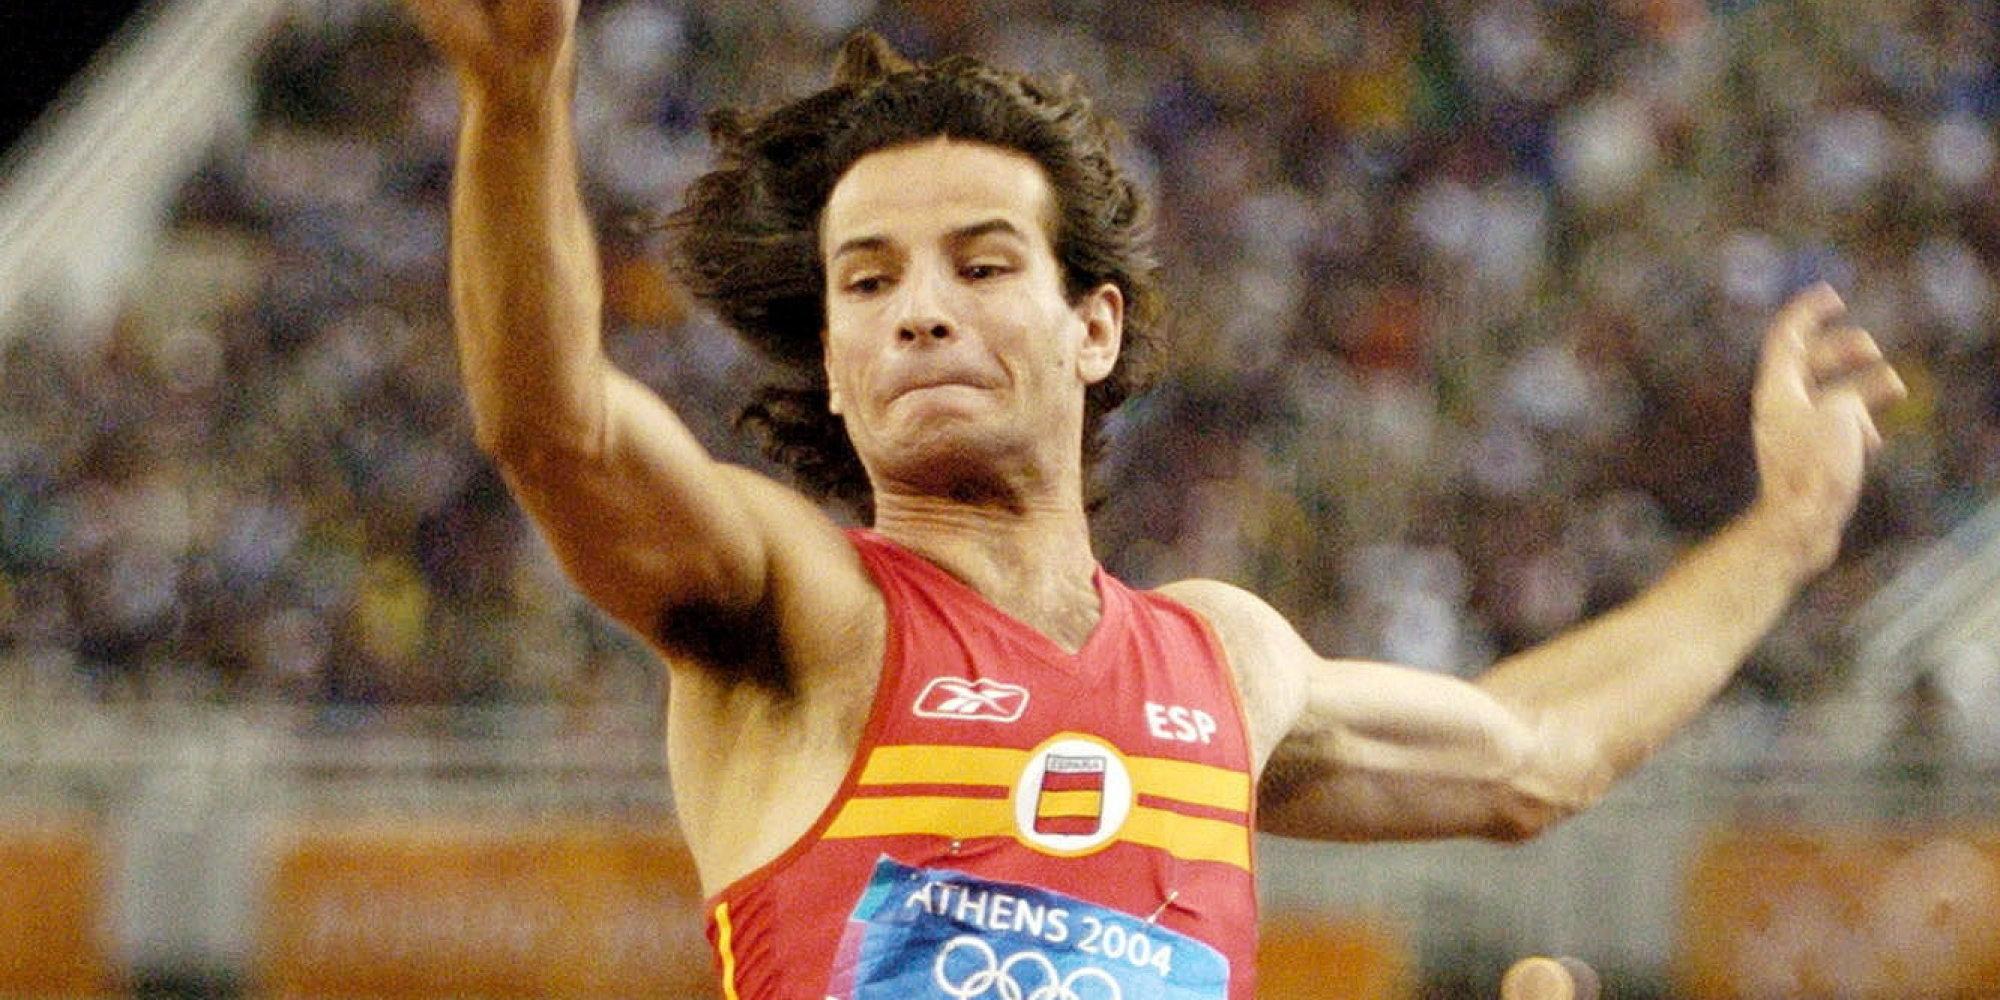 Yago Lamela realiza un dos seus grandes saltos. | Fonte: El Huffington Post